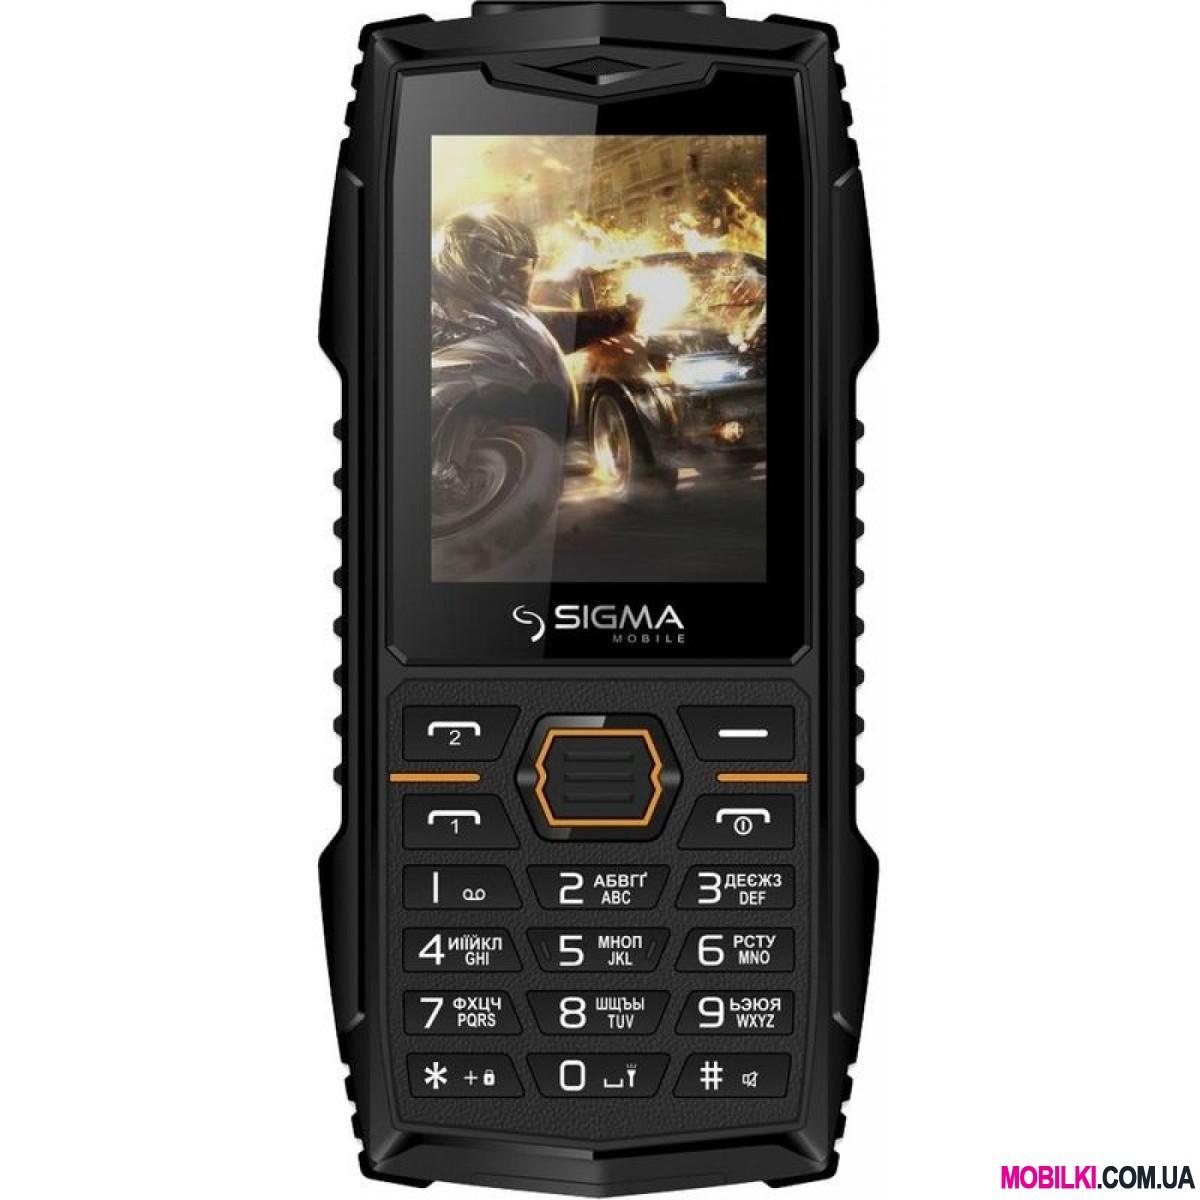 Sigma mobile X-treme AZ68